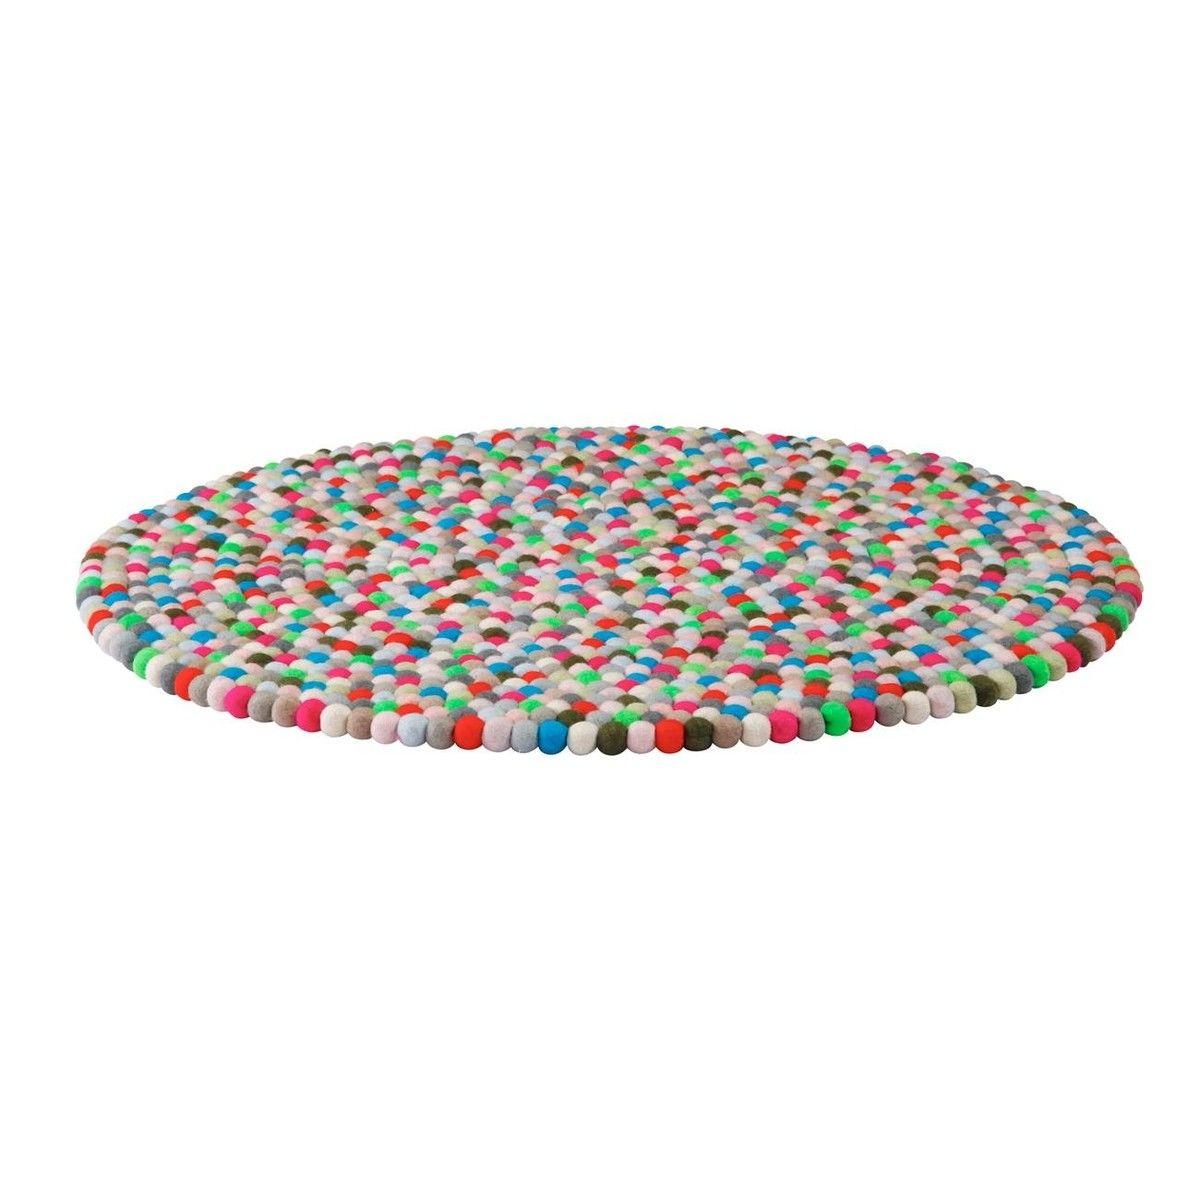 Hay Teppich hay teppiche design bestseller heimatbaum hay tray table scethno